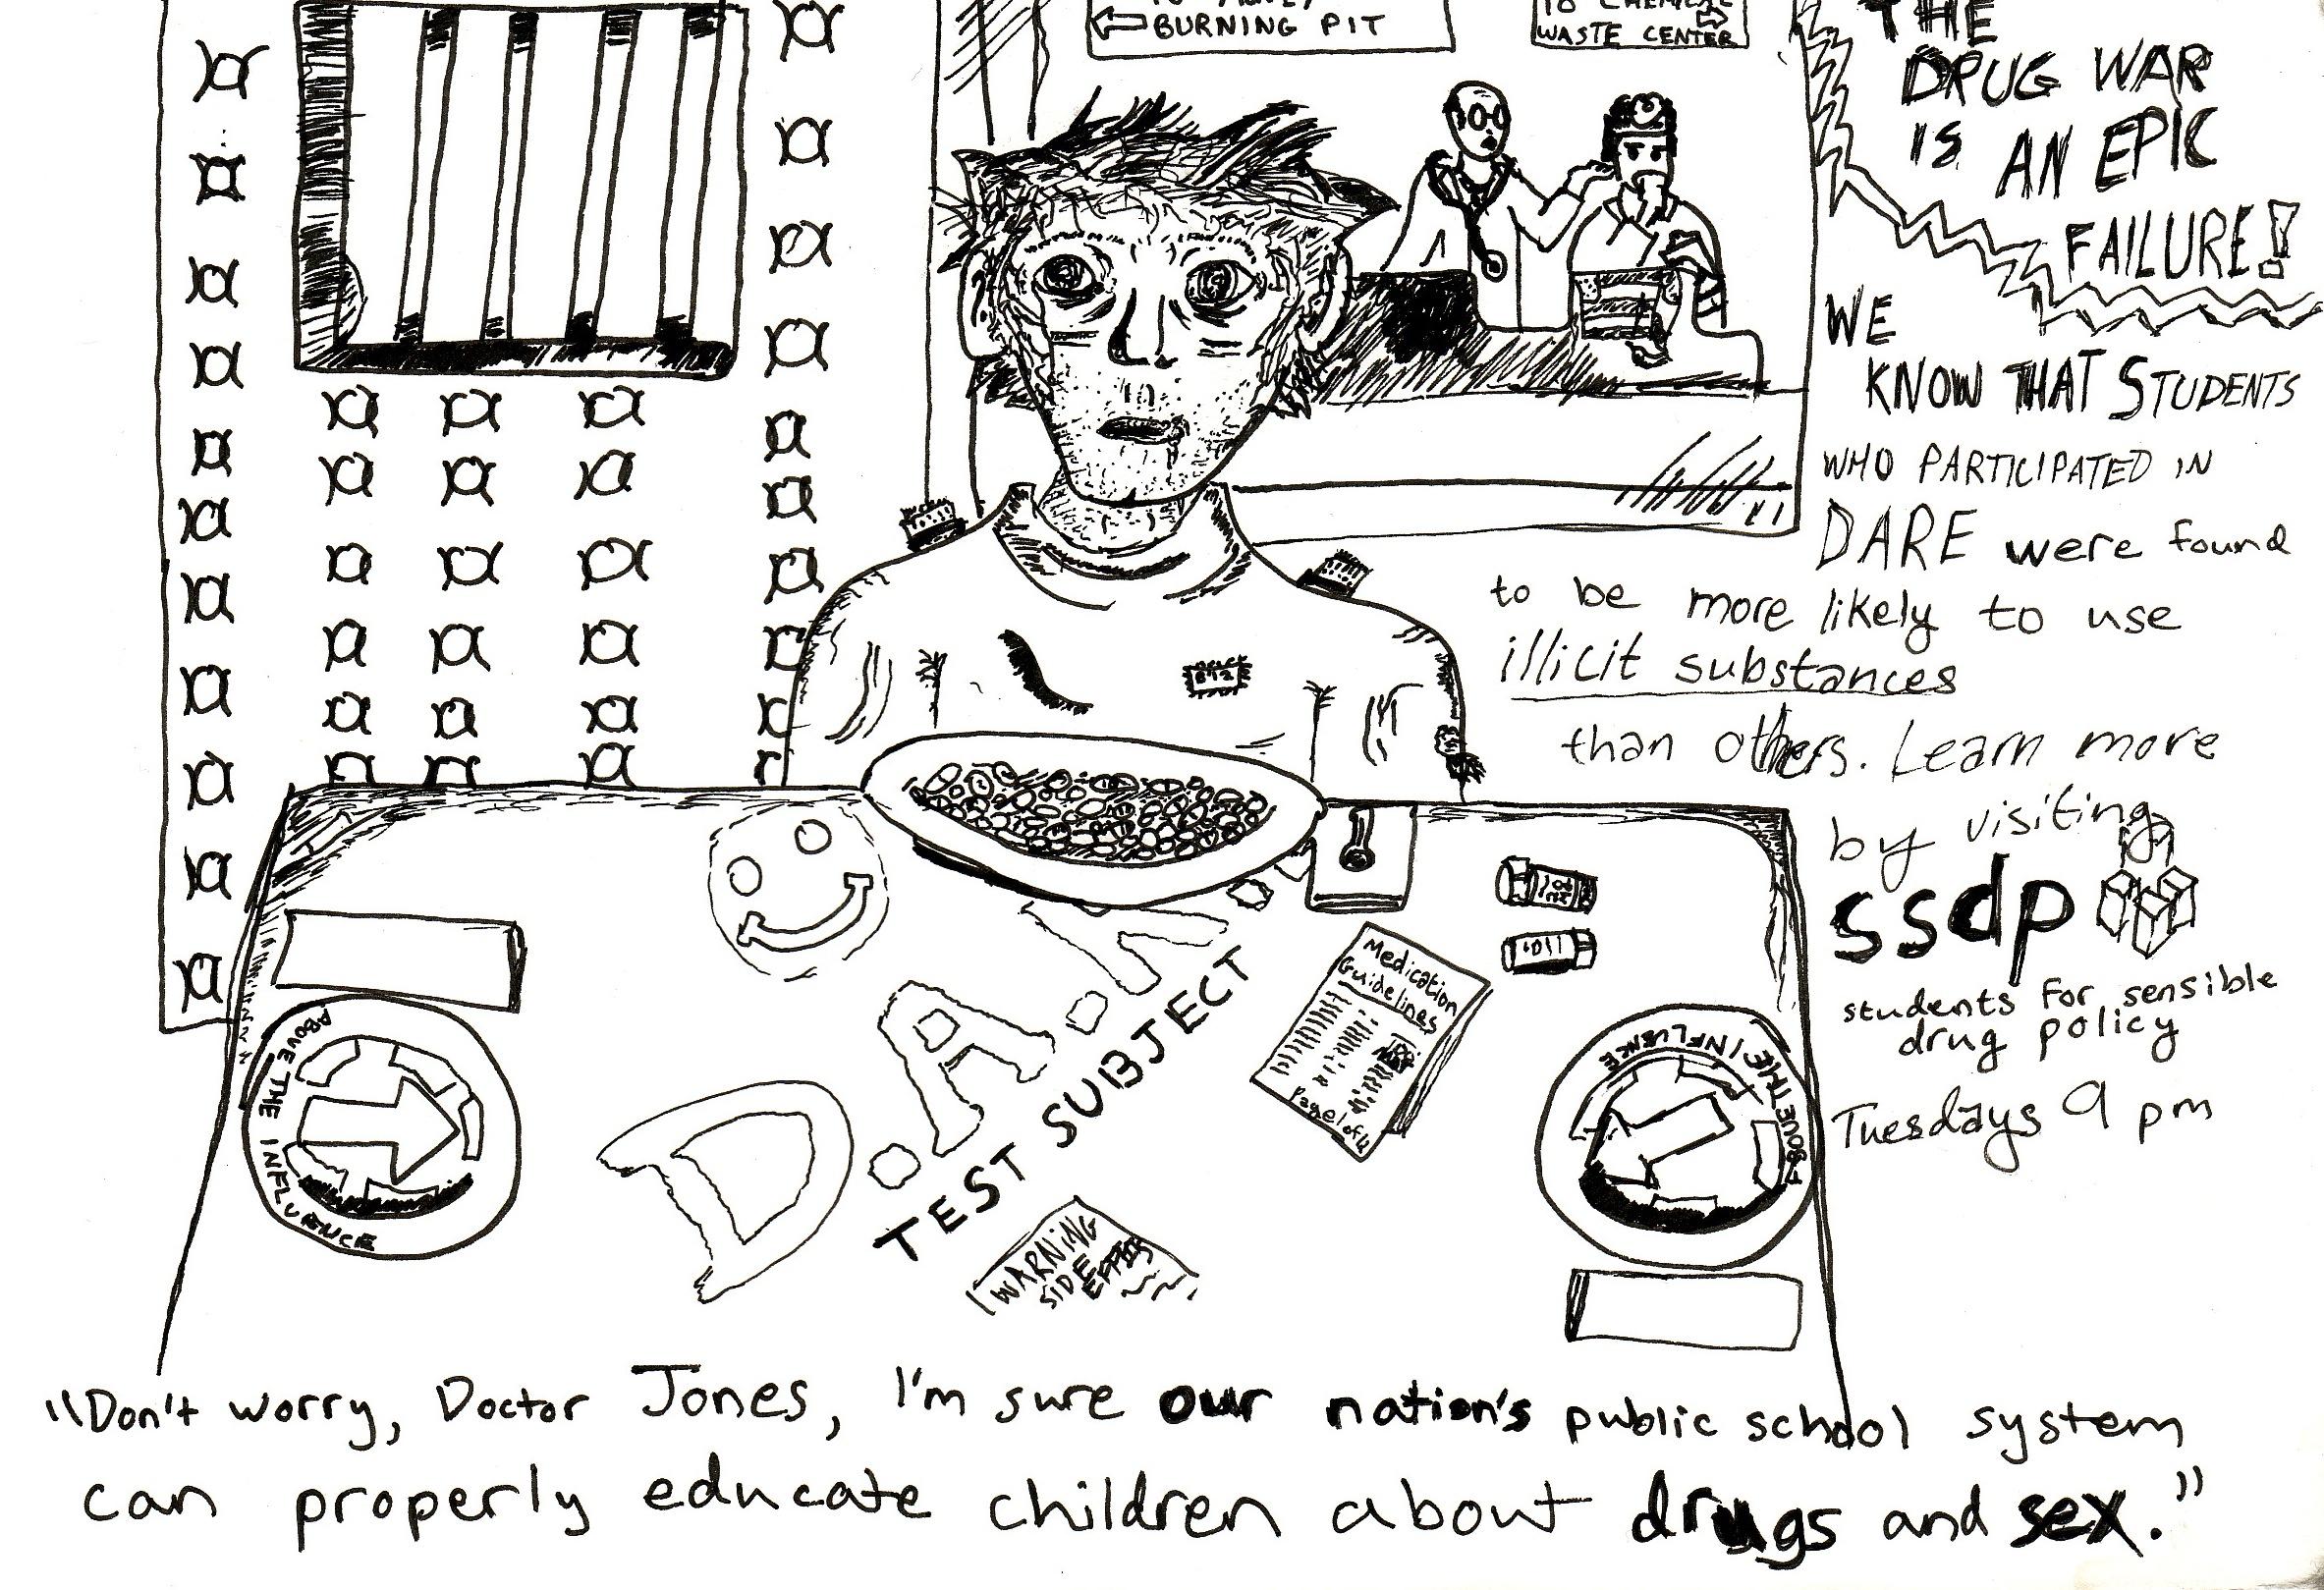 The DARE Program is a Failure